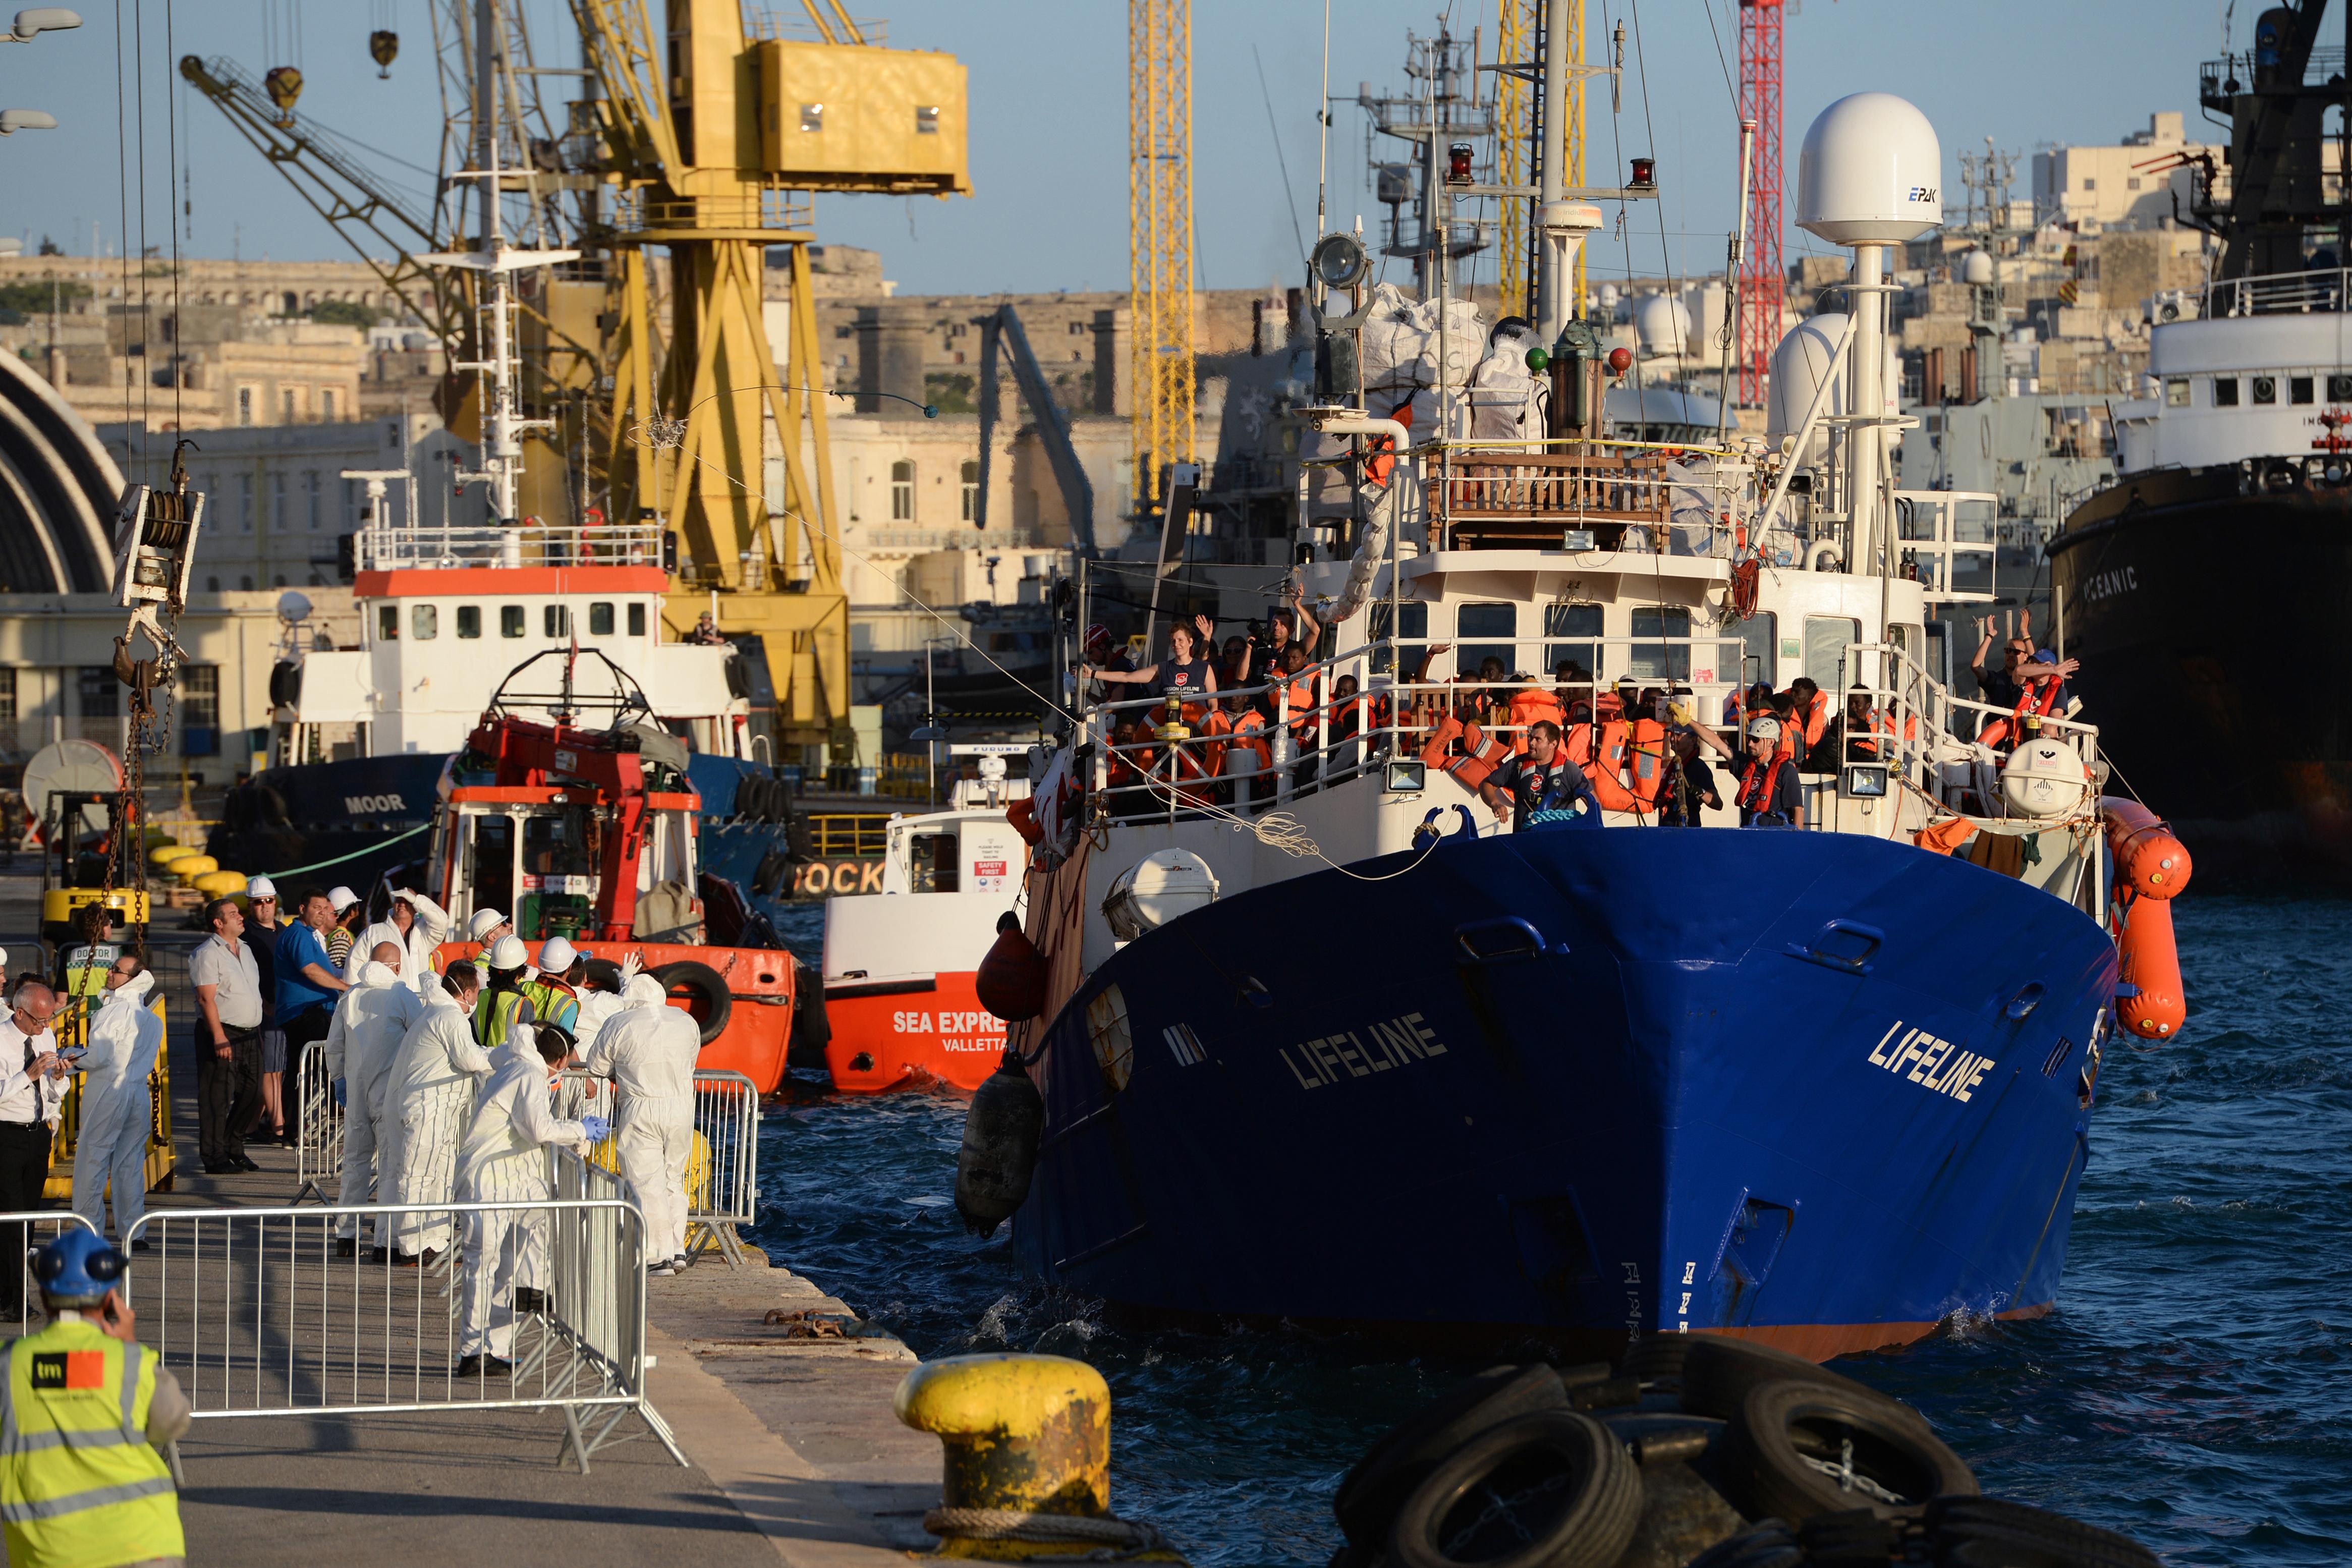 migranten lifeline